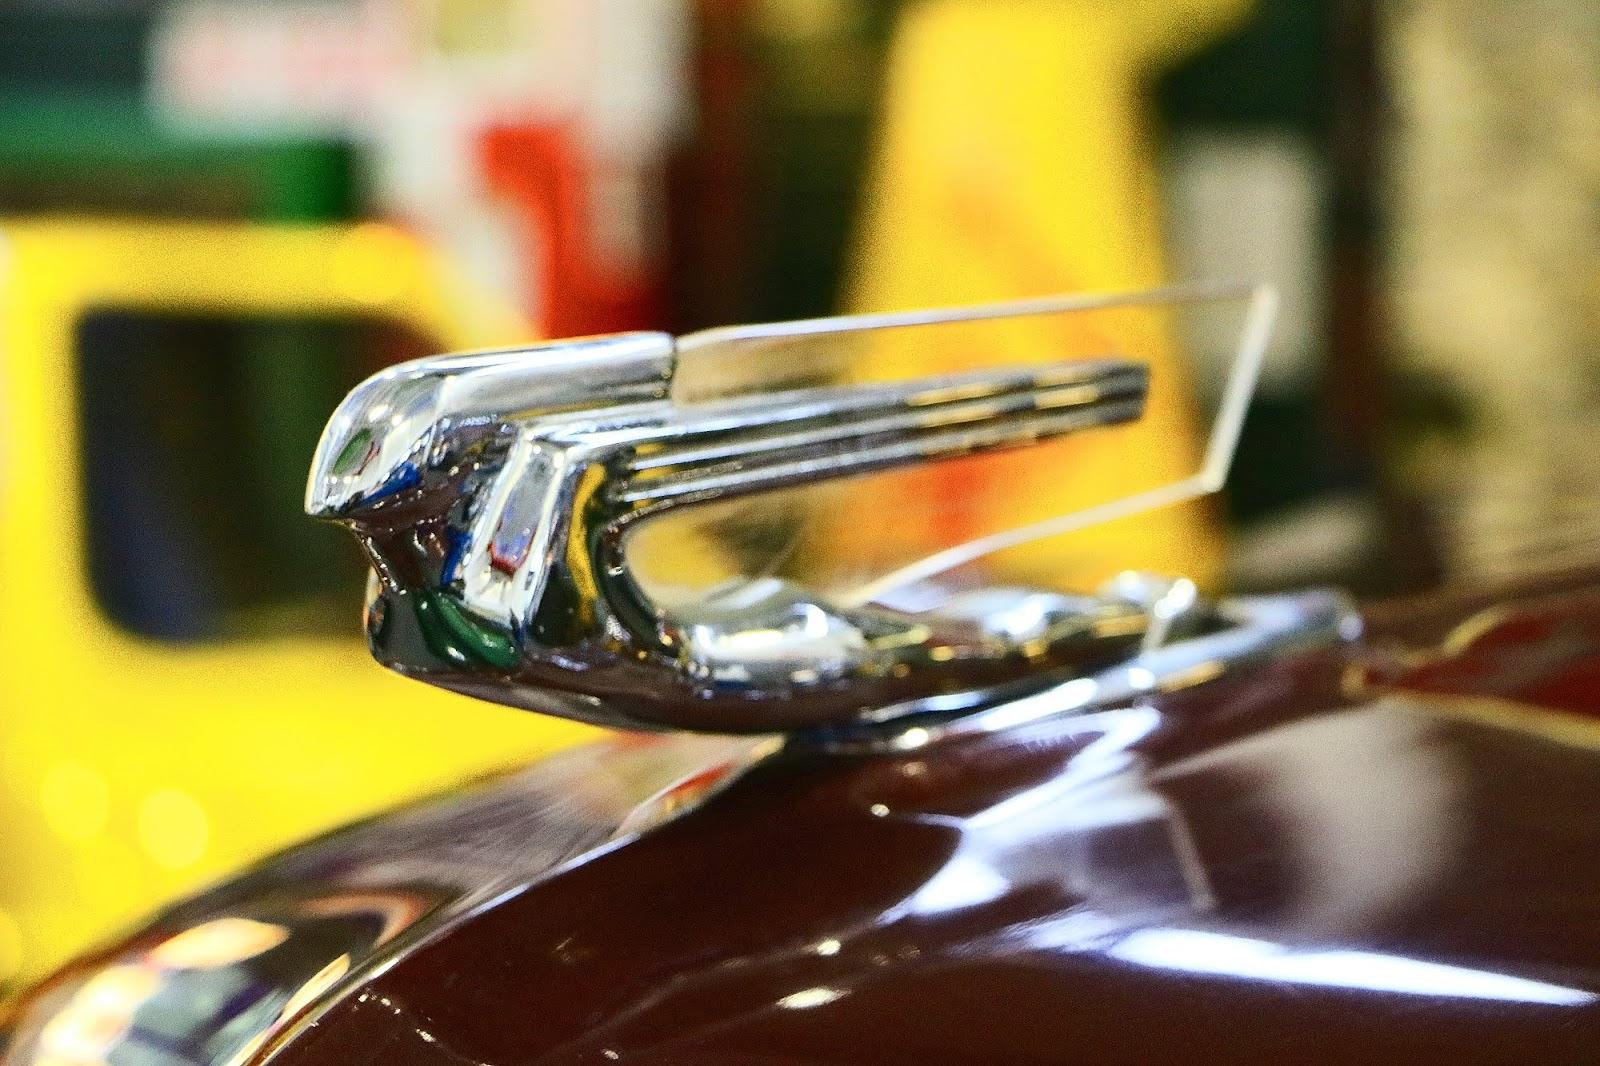 1938 Cadillac 75 Fleetwood Limousine Bonnet Emblem.jpg